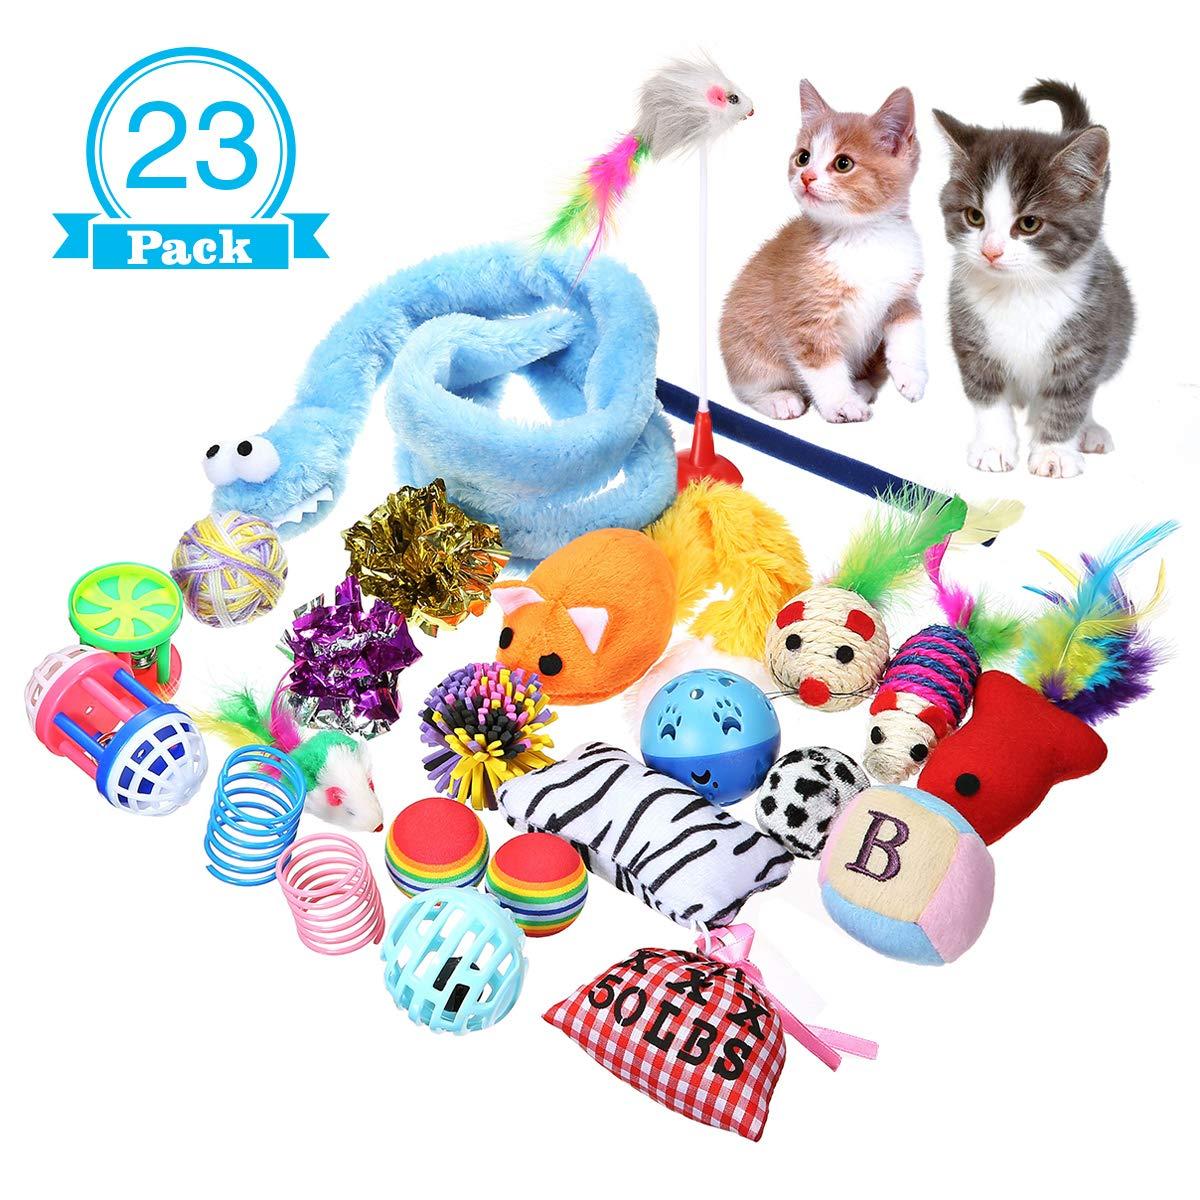 Focuspet Juguete para Gatos, Cat Juguete Interactivo para Gatos ...